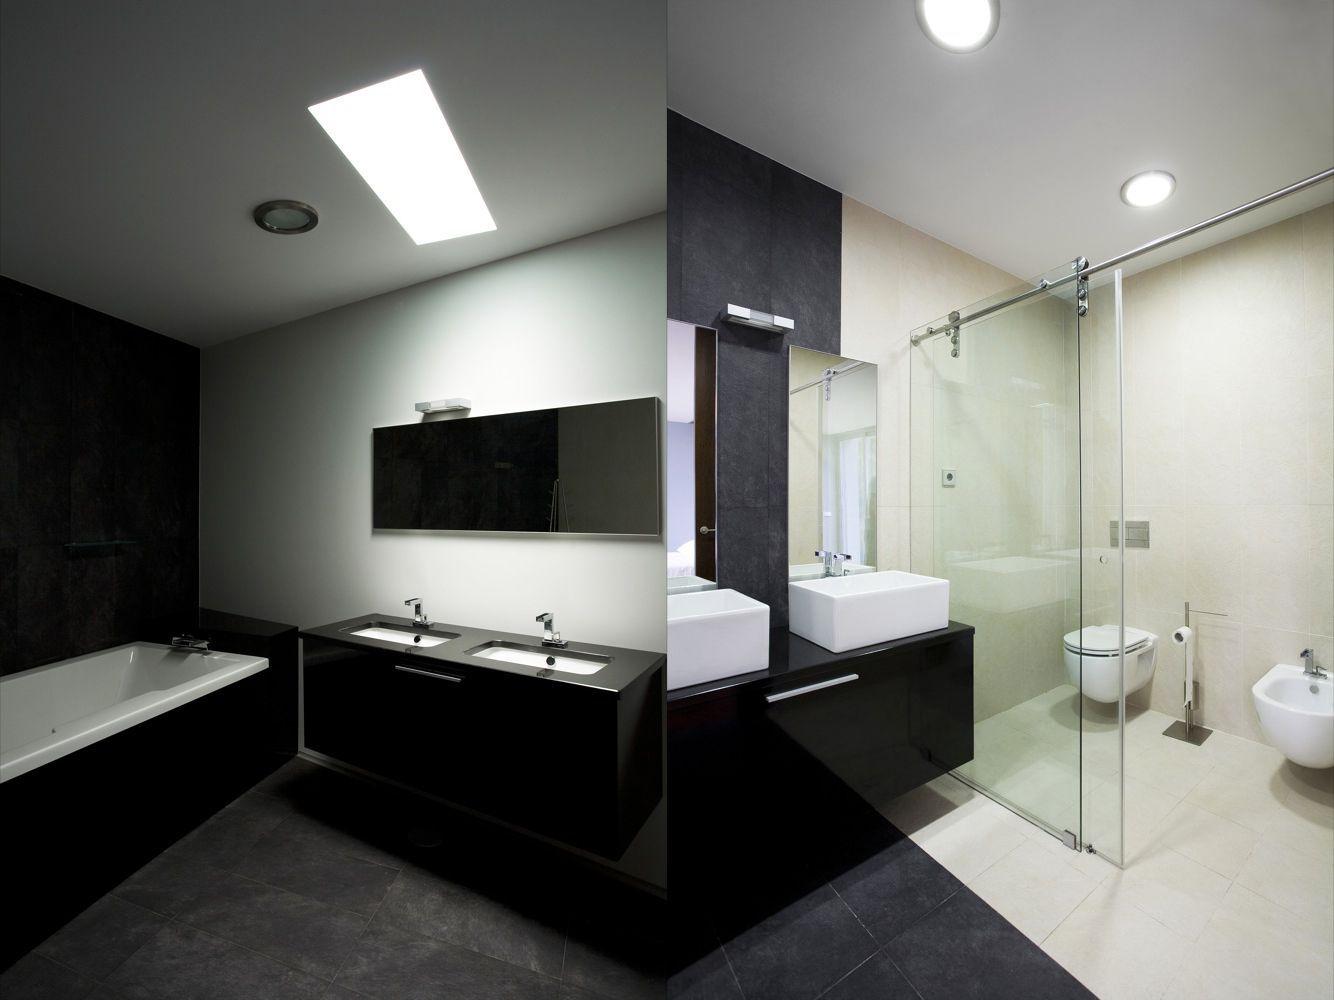 Badezimmer design hd-bilder badezimmer entwürfe von hd bildern möbel dekoideen möbelideen